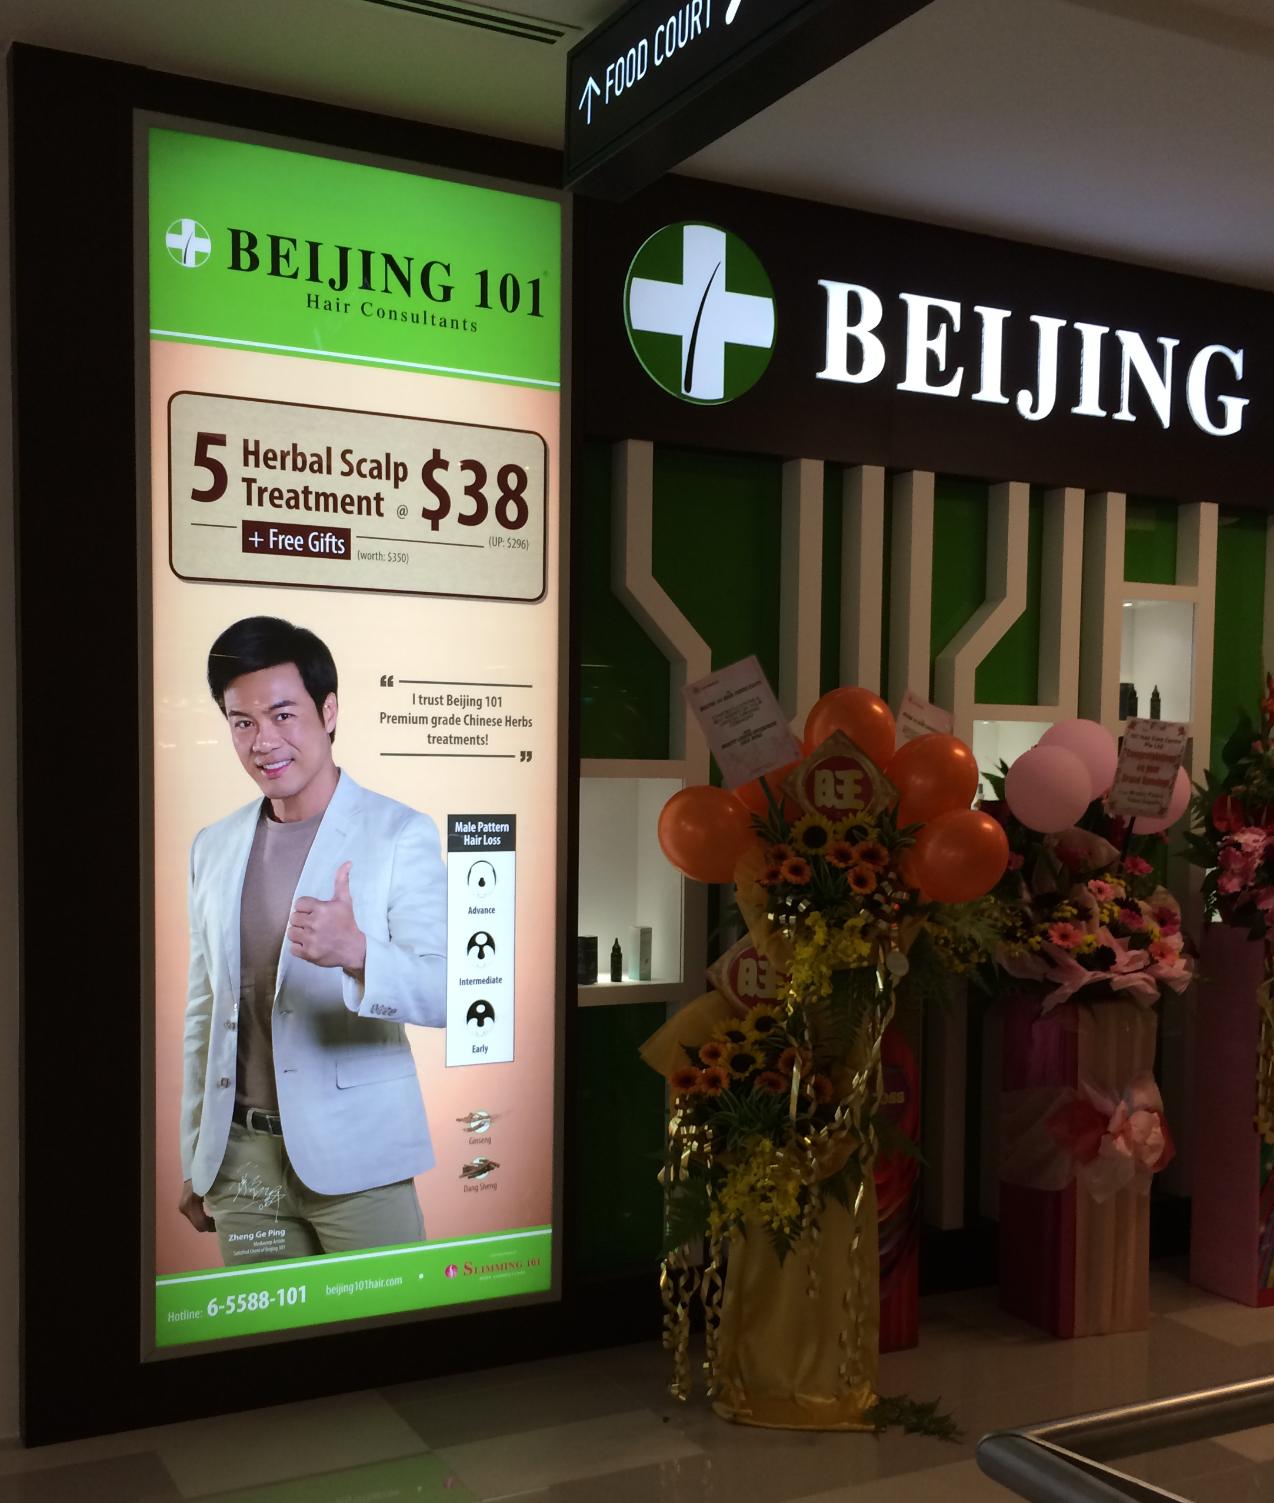 Beijing 101 Backlit Trans